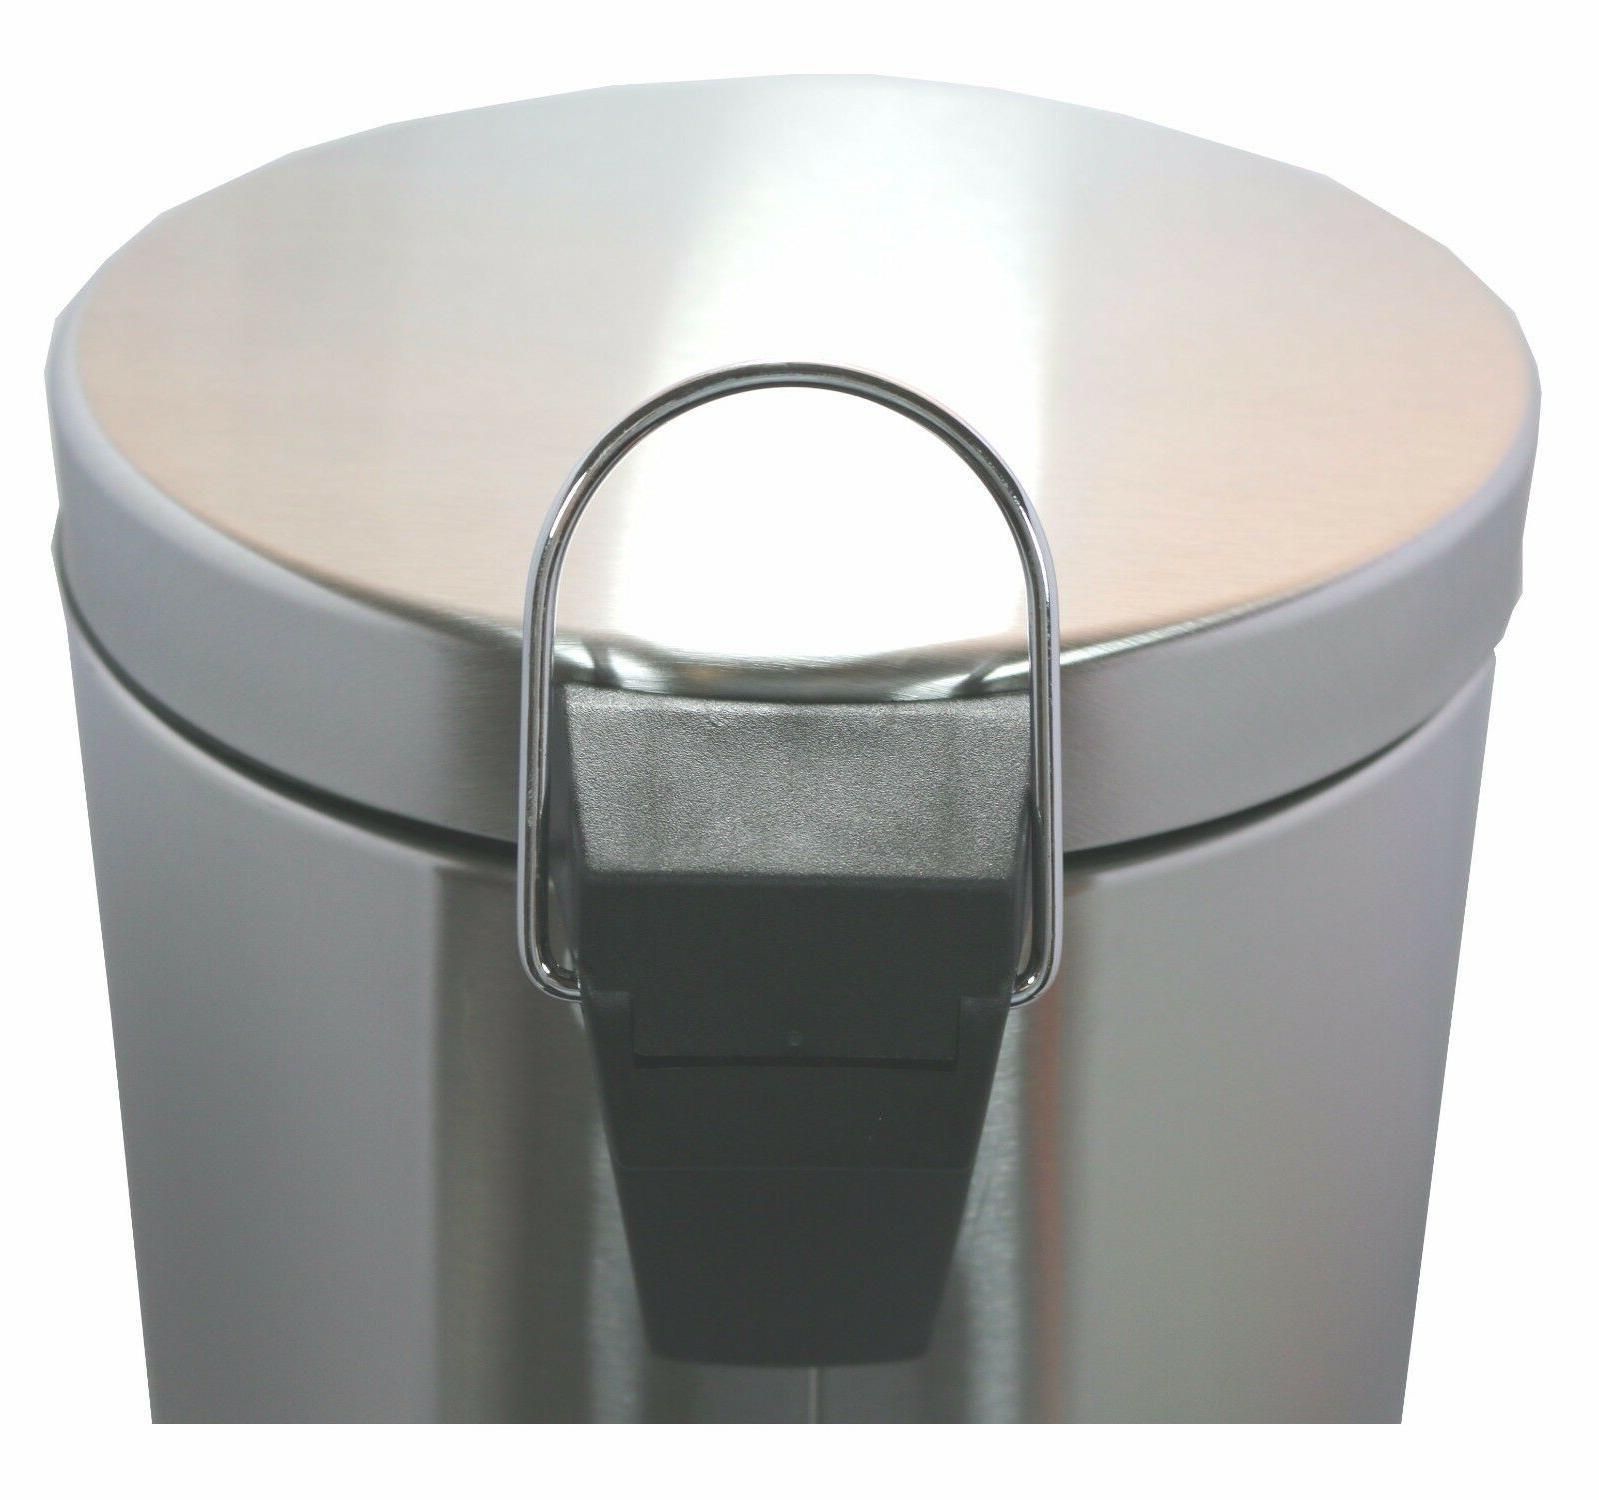 5 Liter/1.3 Round Steel Step Trash